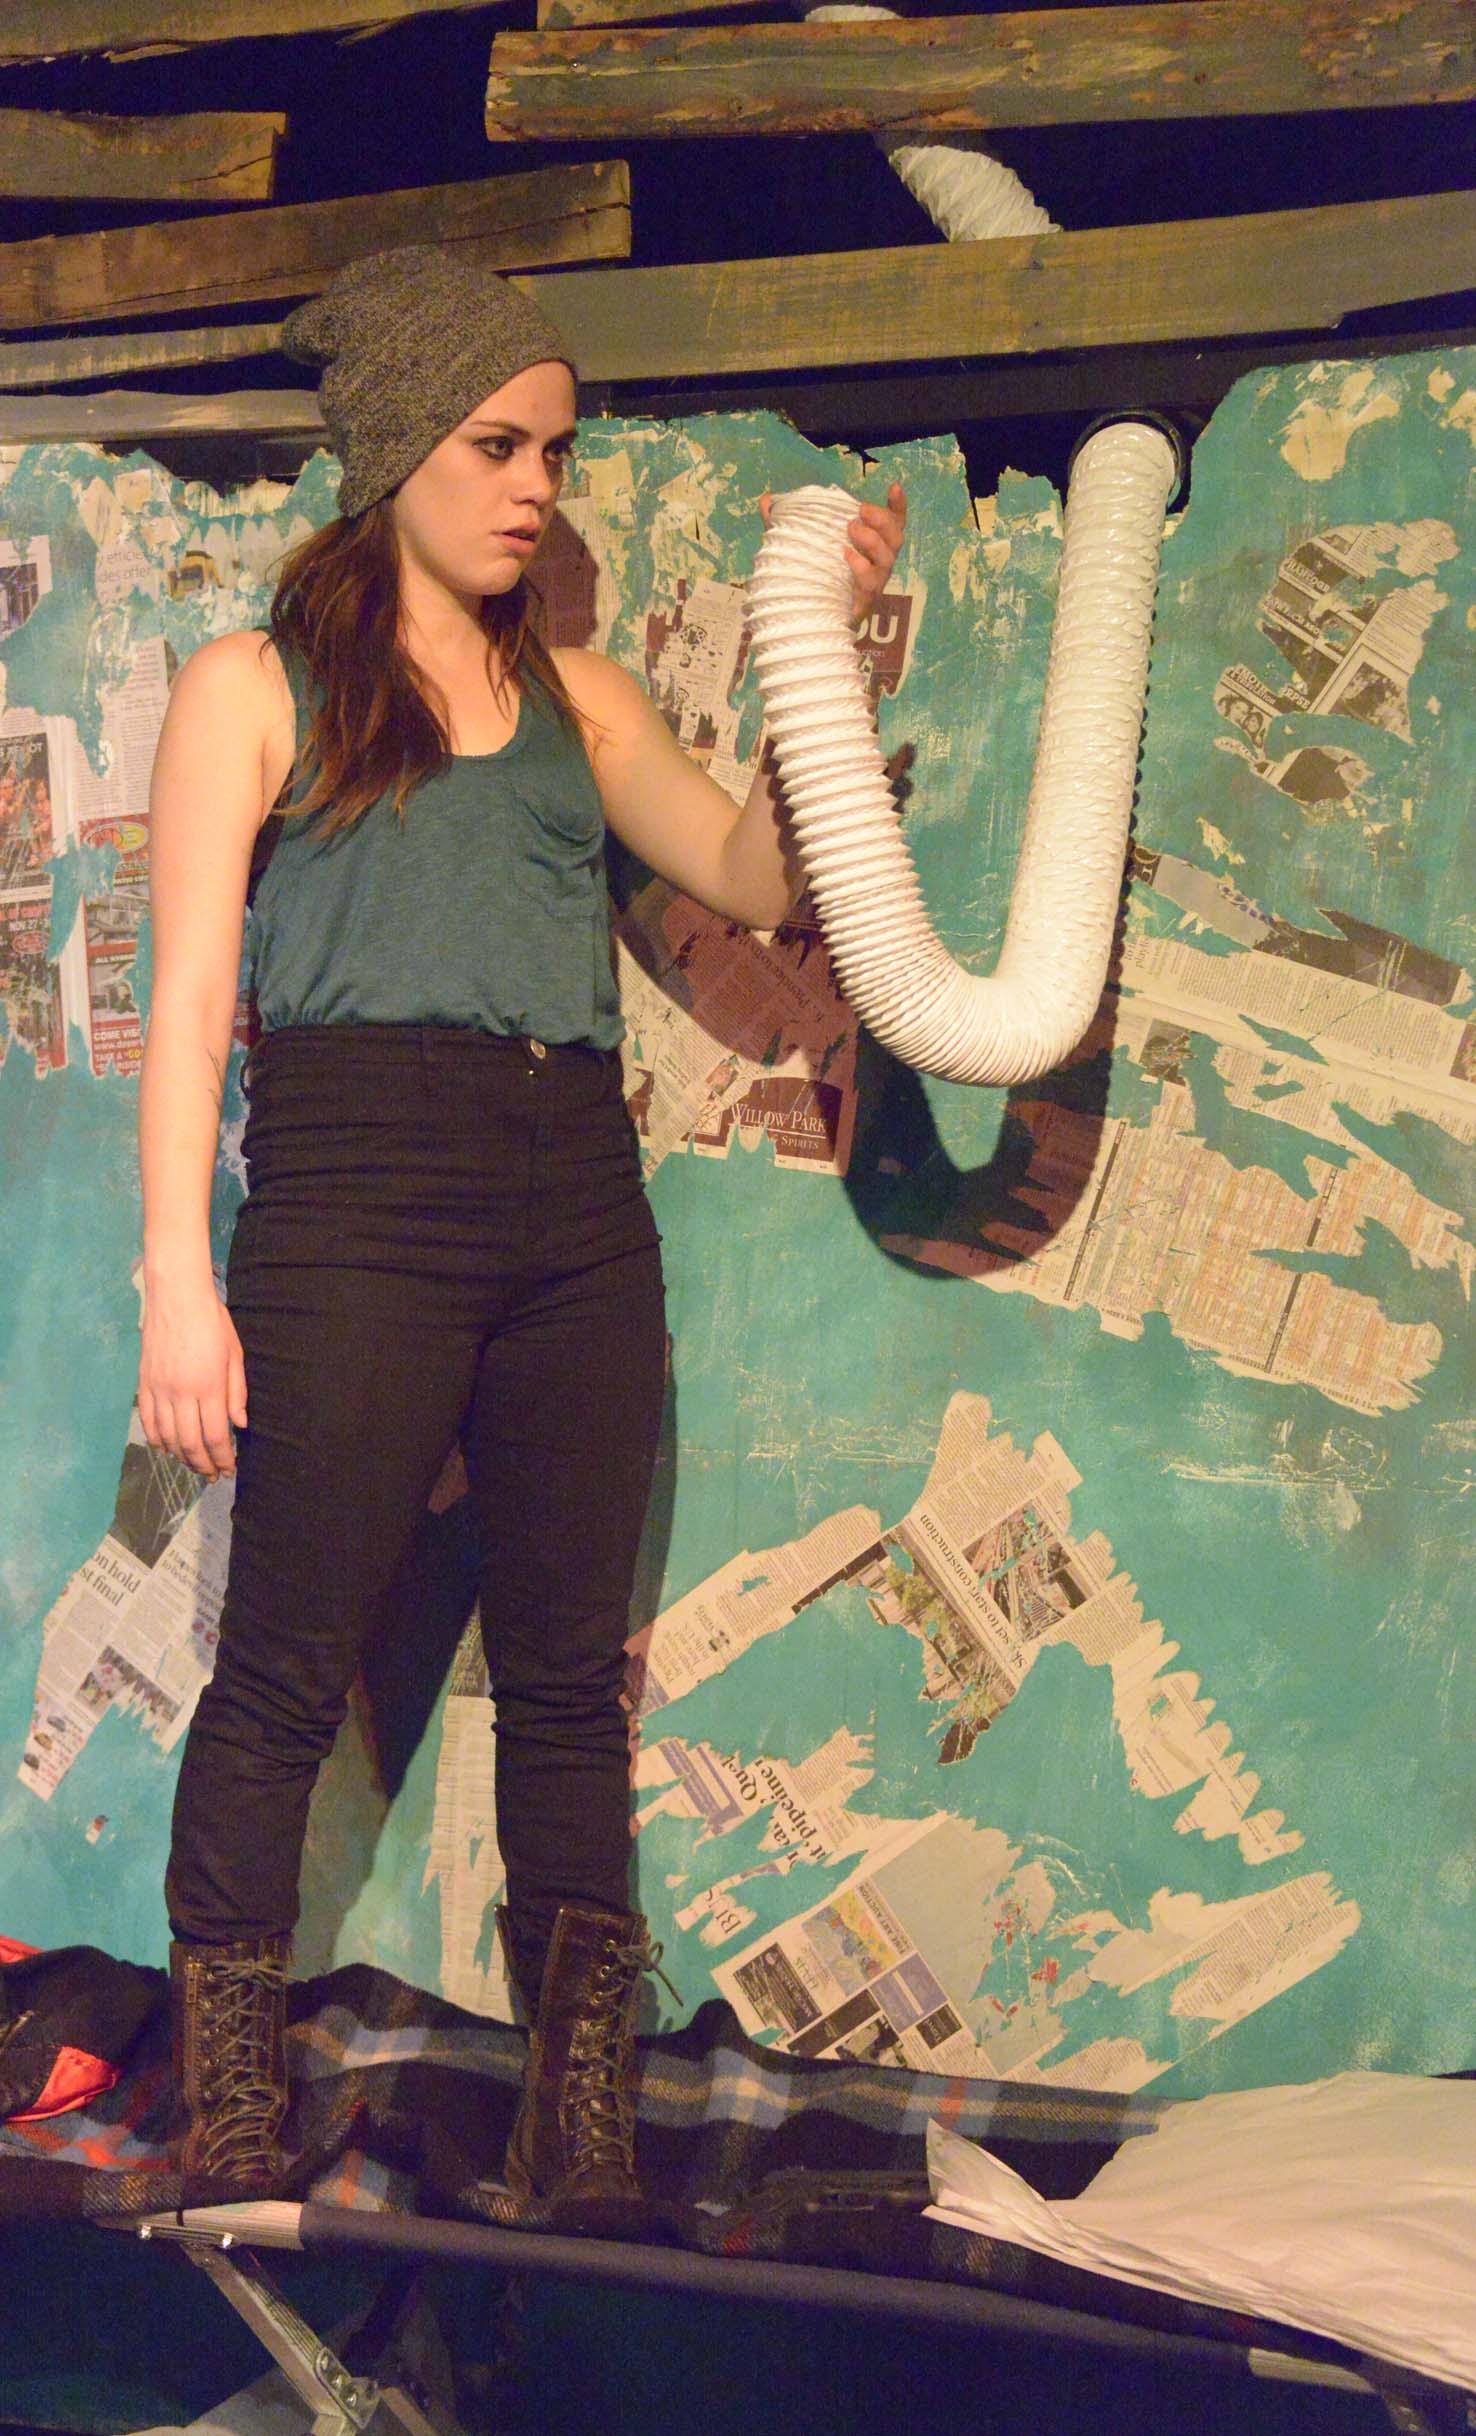 Meredith Pritchard in THE DUMB WAITER (Photo: Mike Unrau)